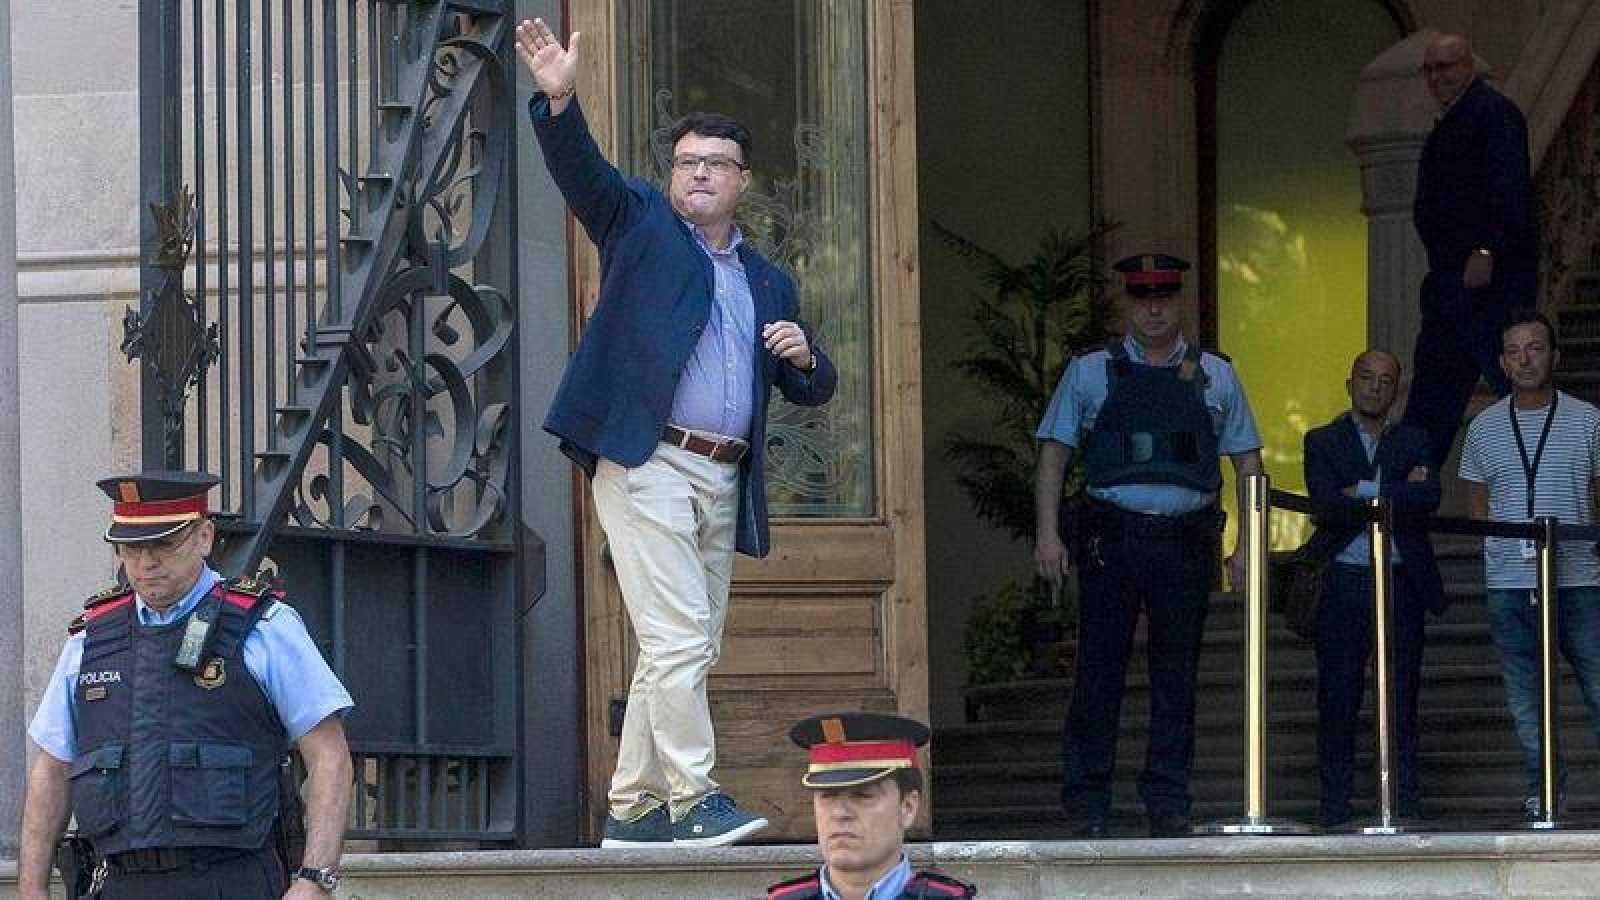 El secretario tercero de la Mesa del Parlament, Joan Josep Nuet, dice que no es independentista sino democráta